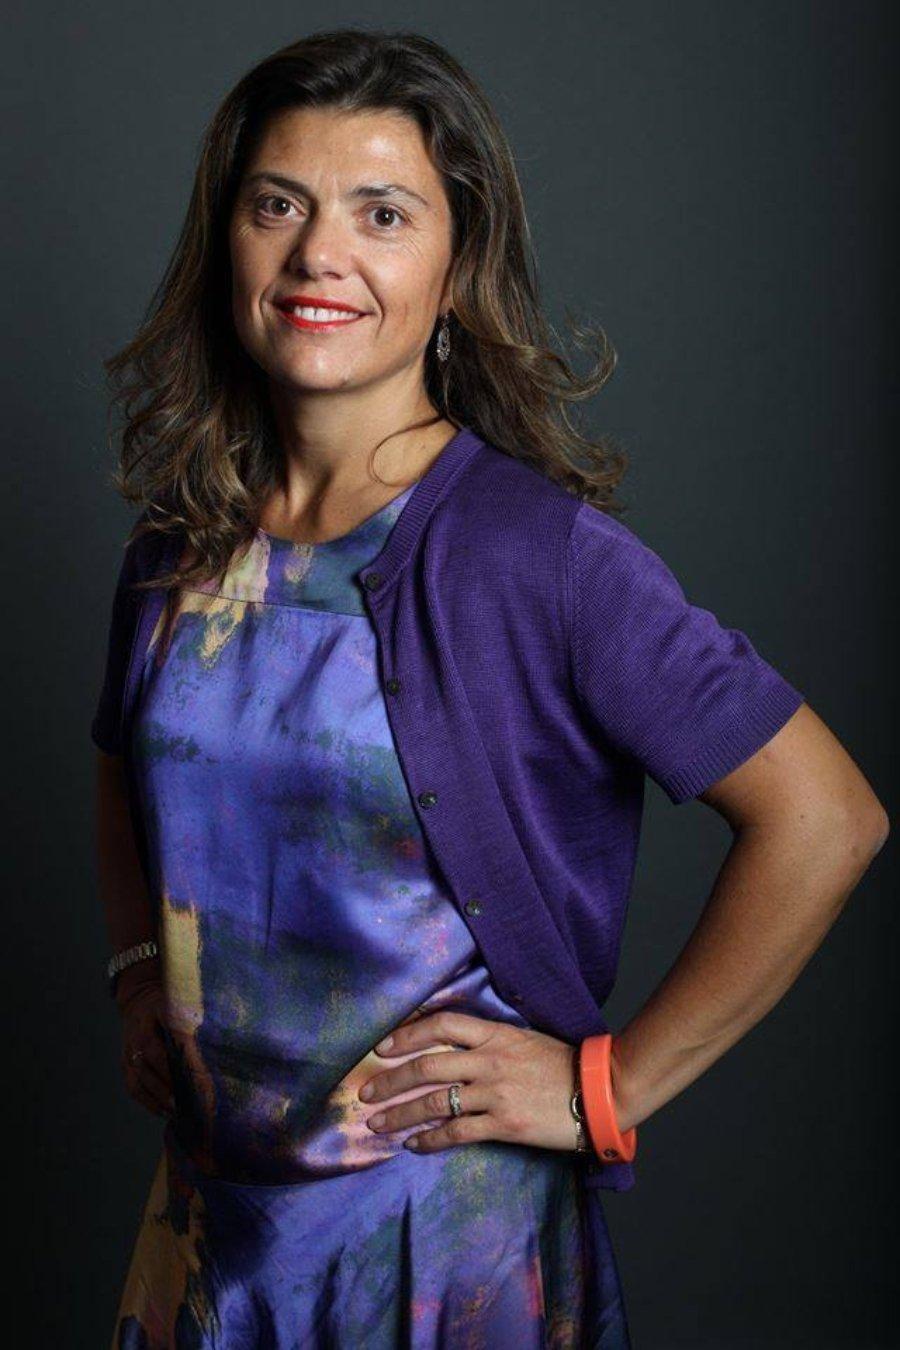 Rosa Madera